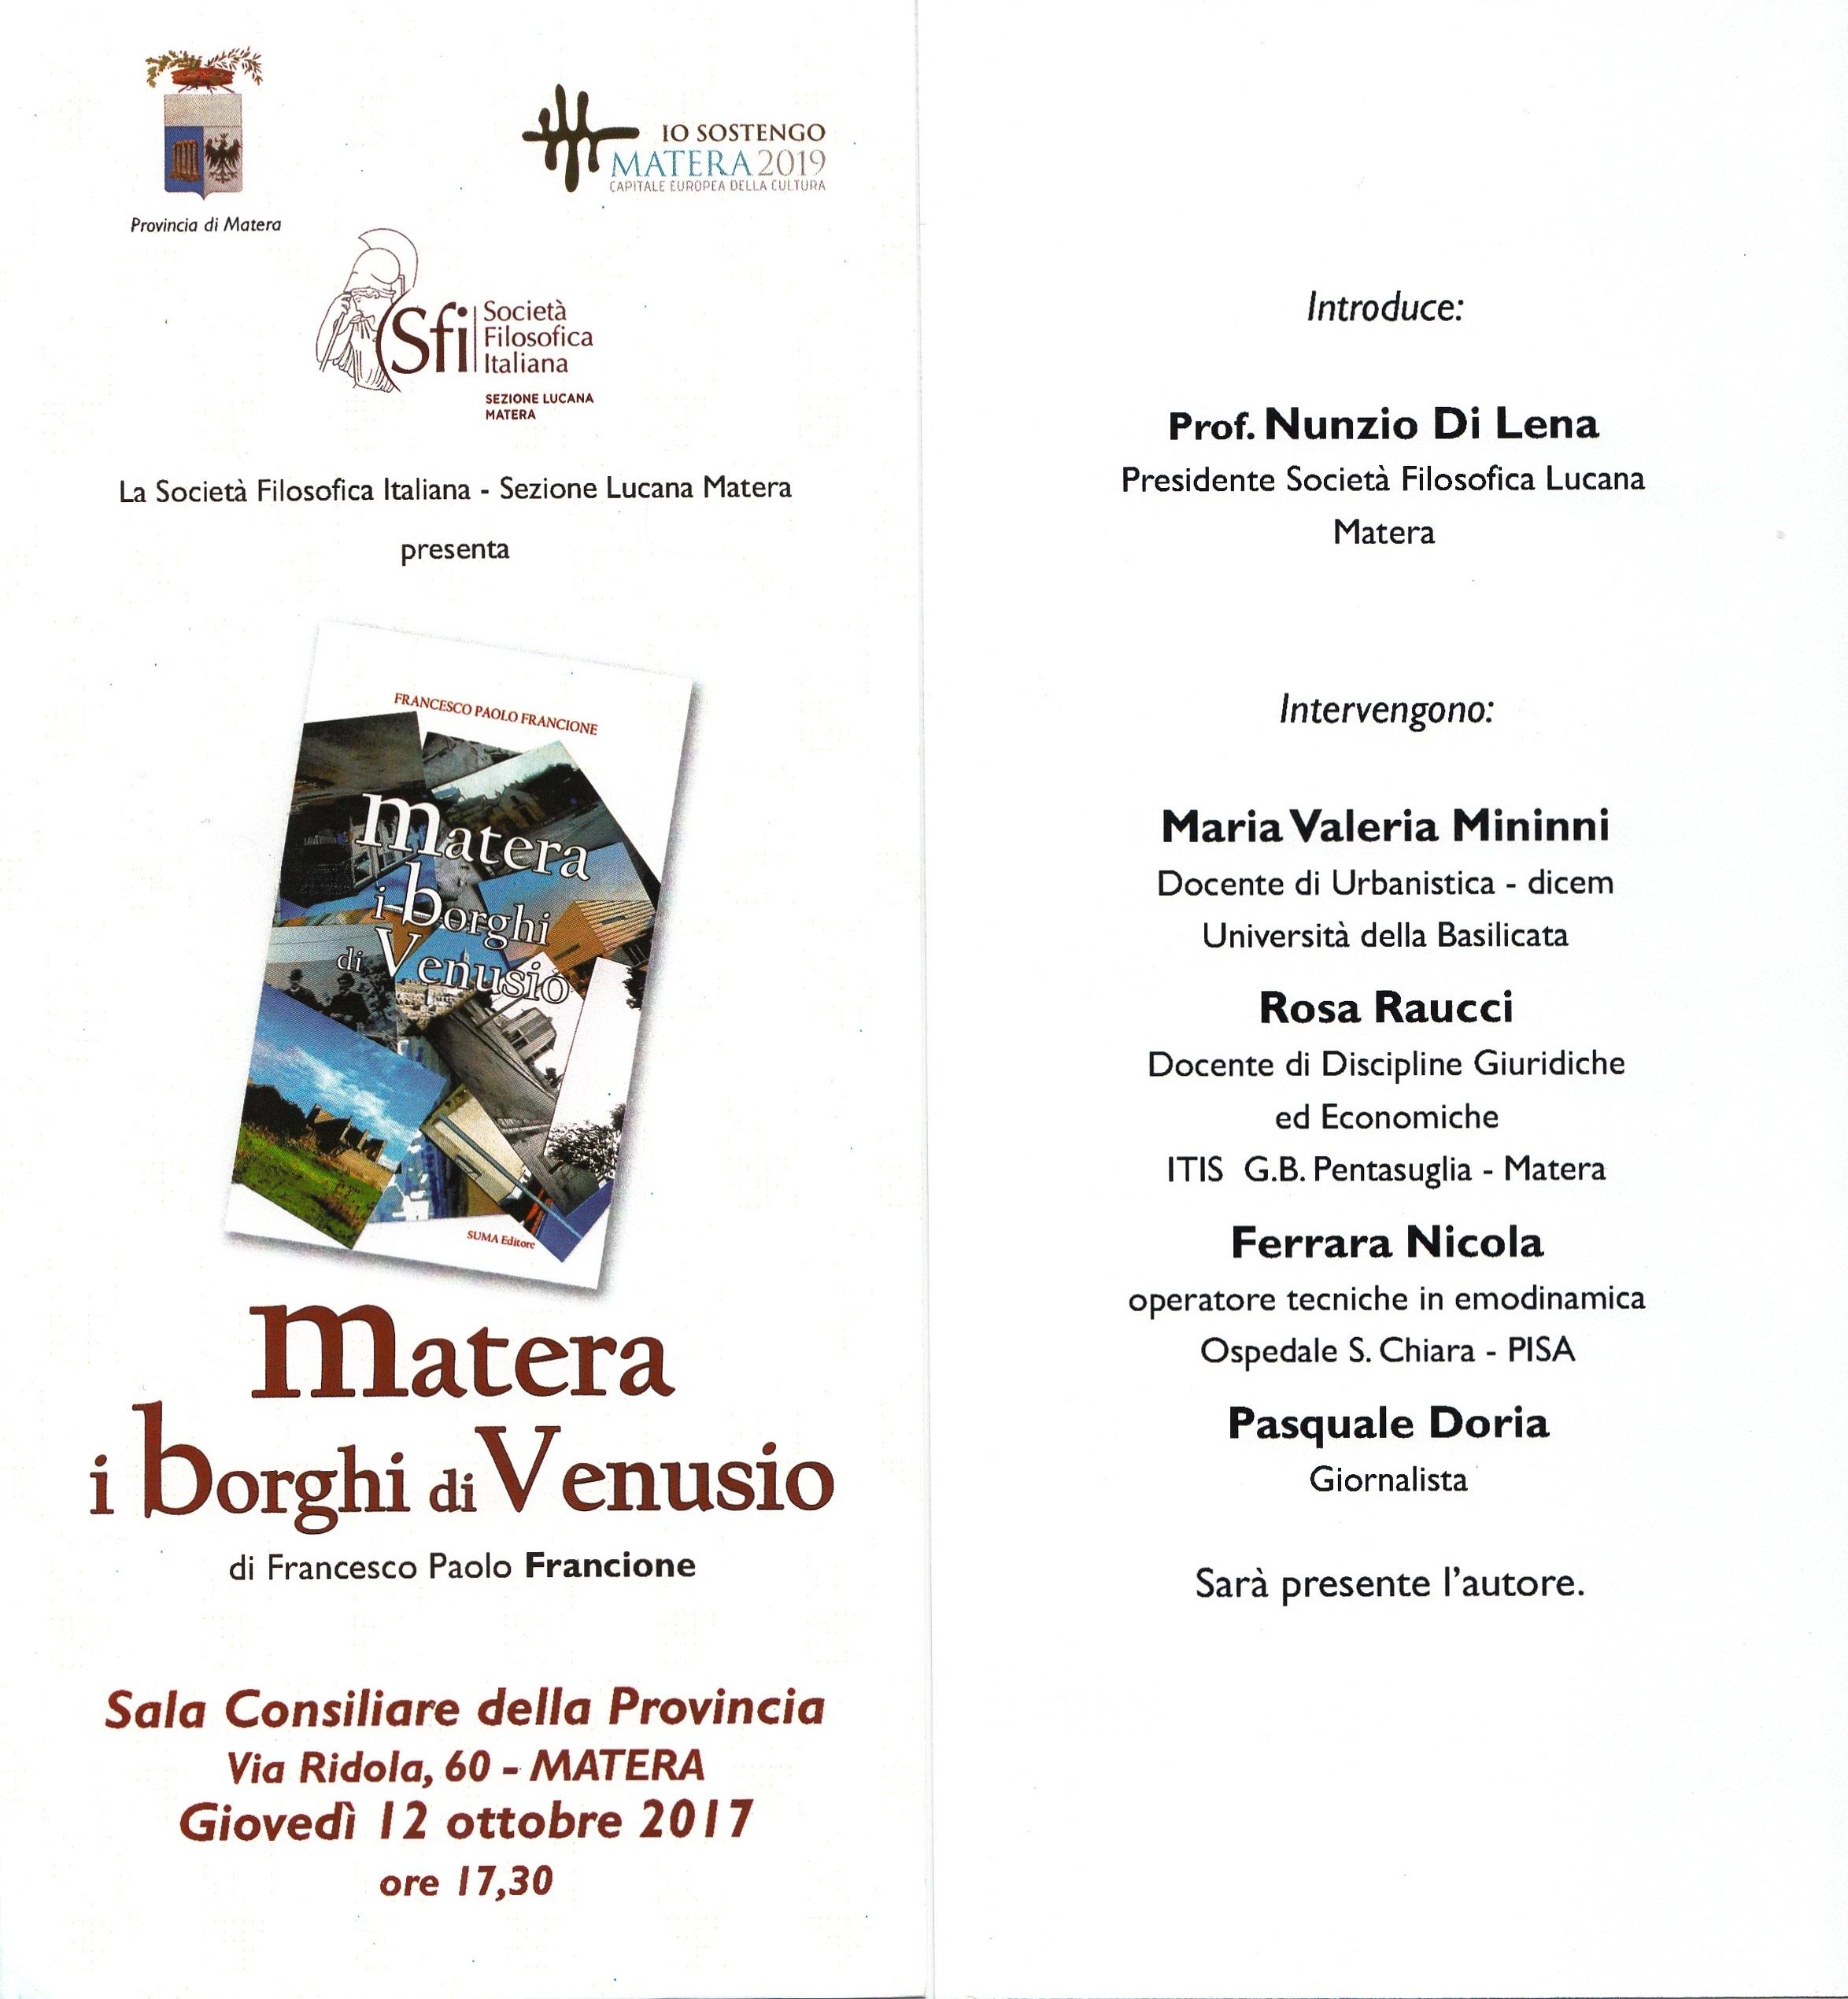 Matera. I borghi di Venusio di Francesco Paolo Francione